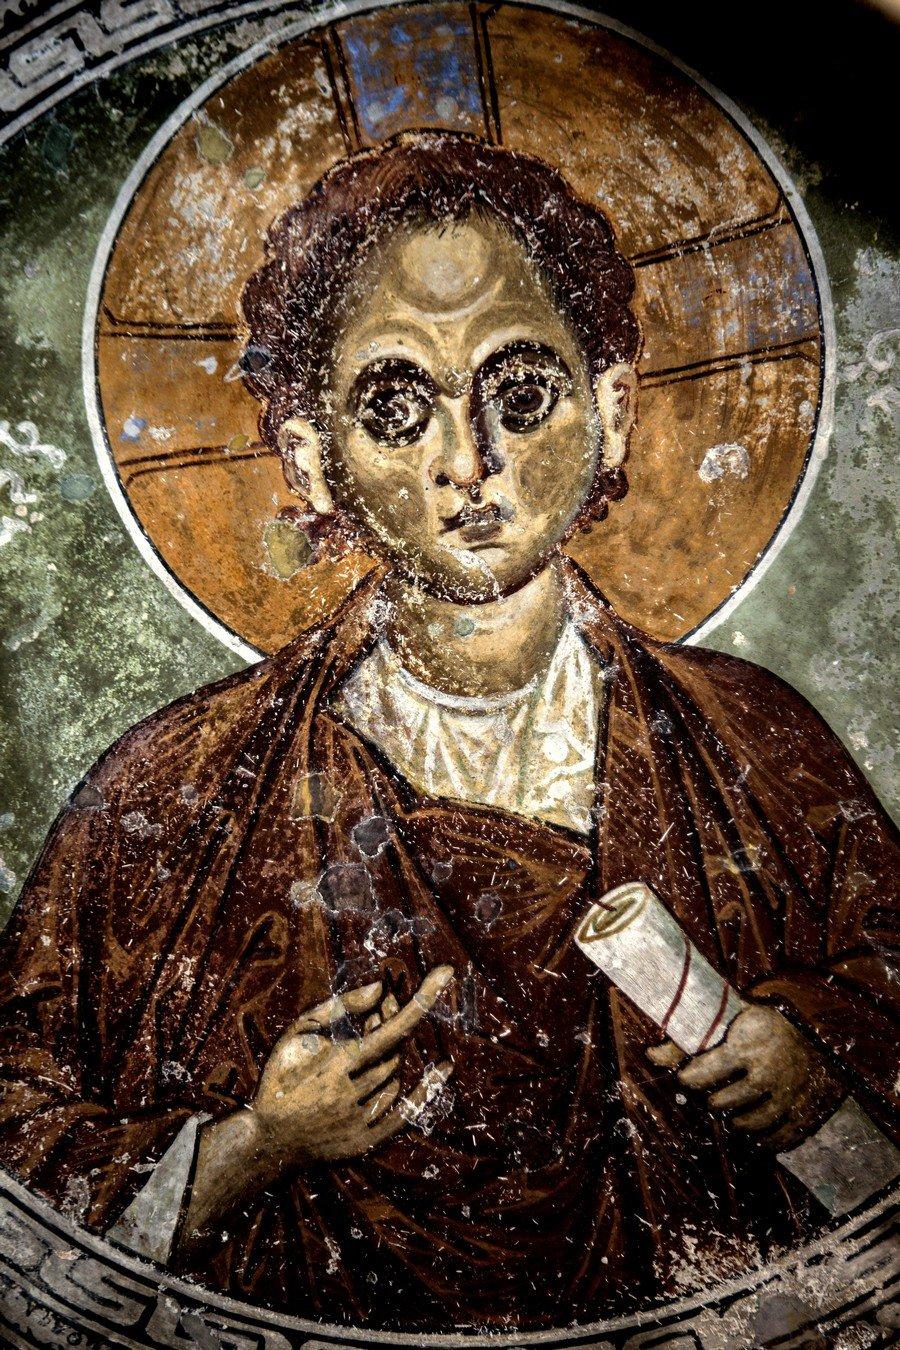 Христос Эммануил. Фреска церкви Богородицы Елеусы в Велюсе, Македония. Начало XII века.